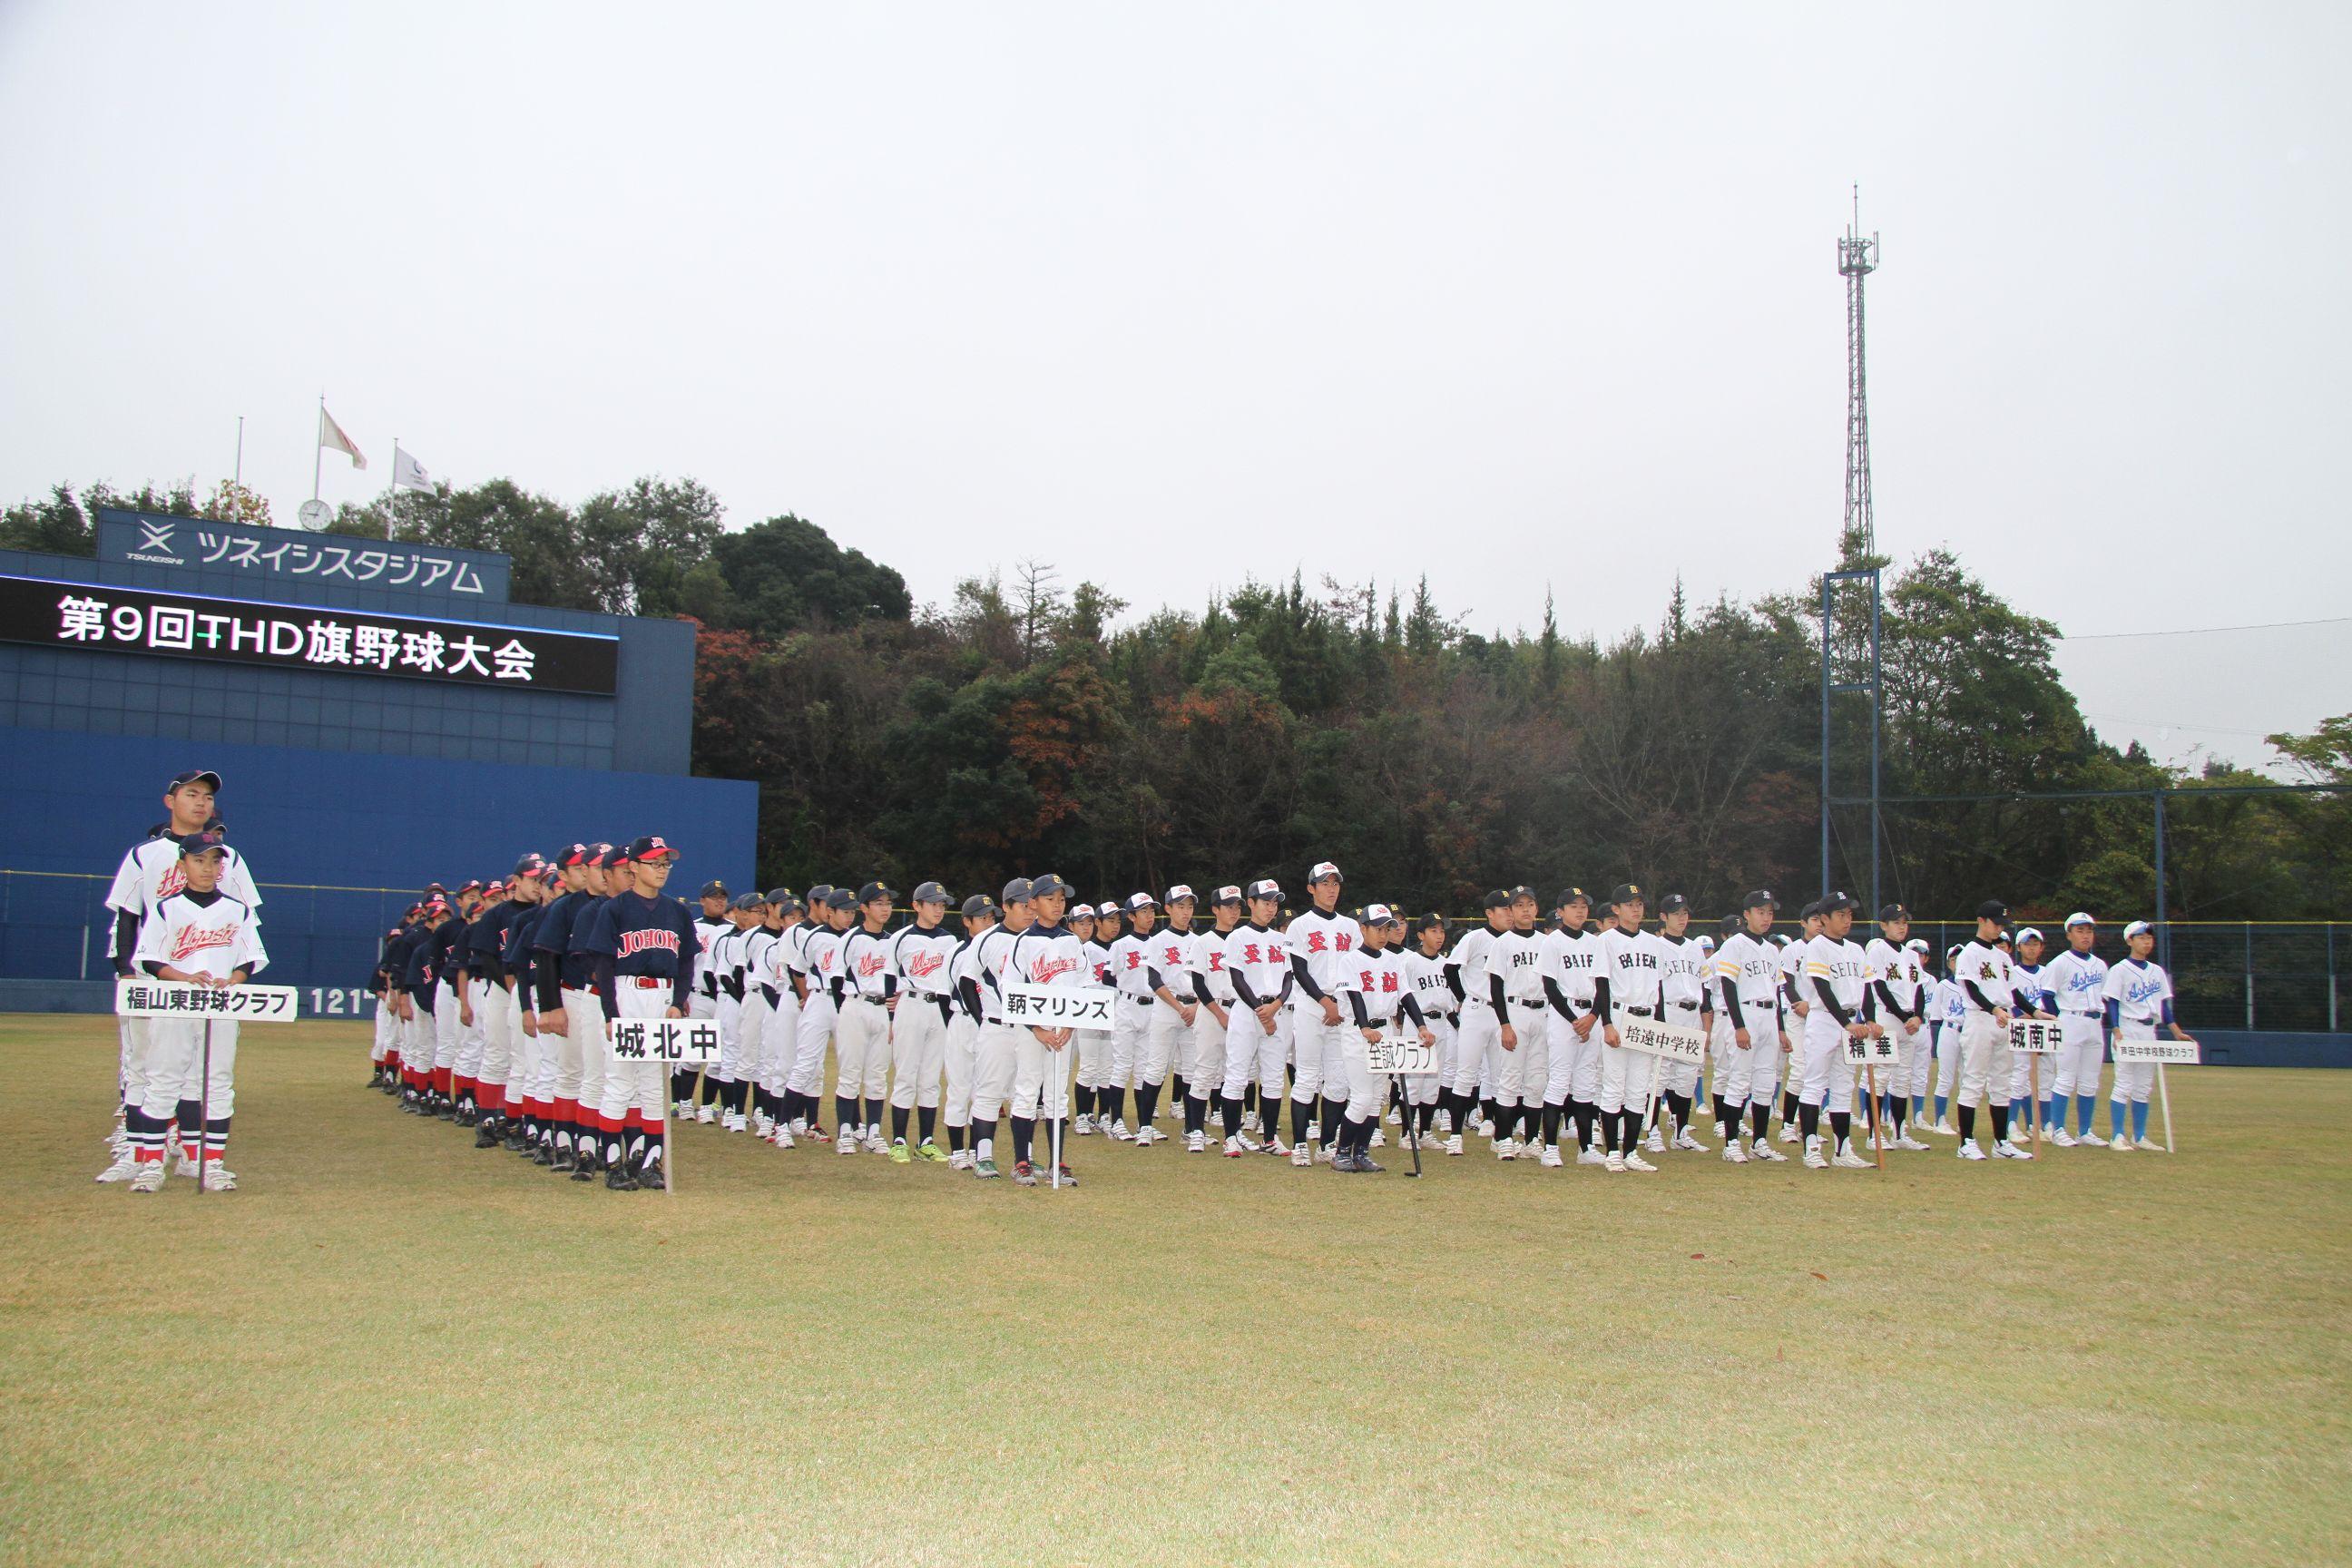 第9回ツネイシホールディングス旗野球大会 開会式